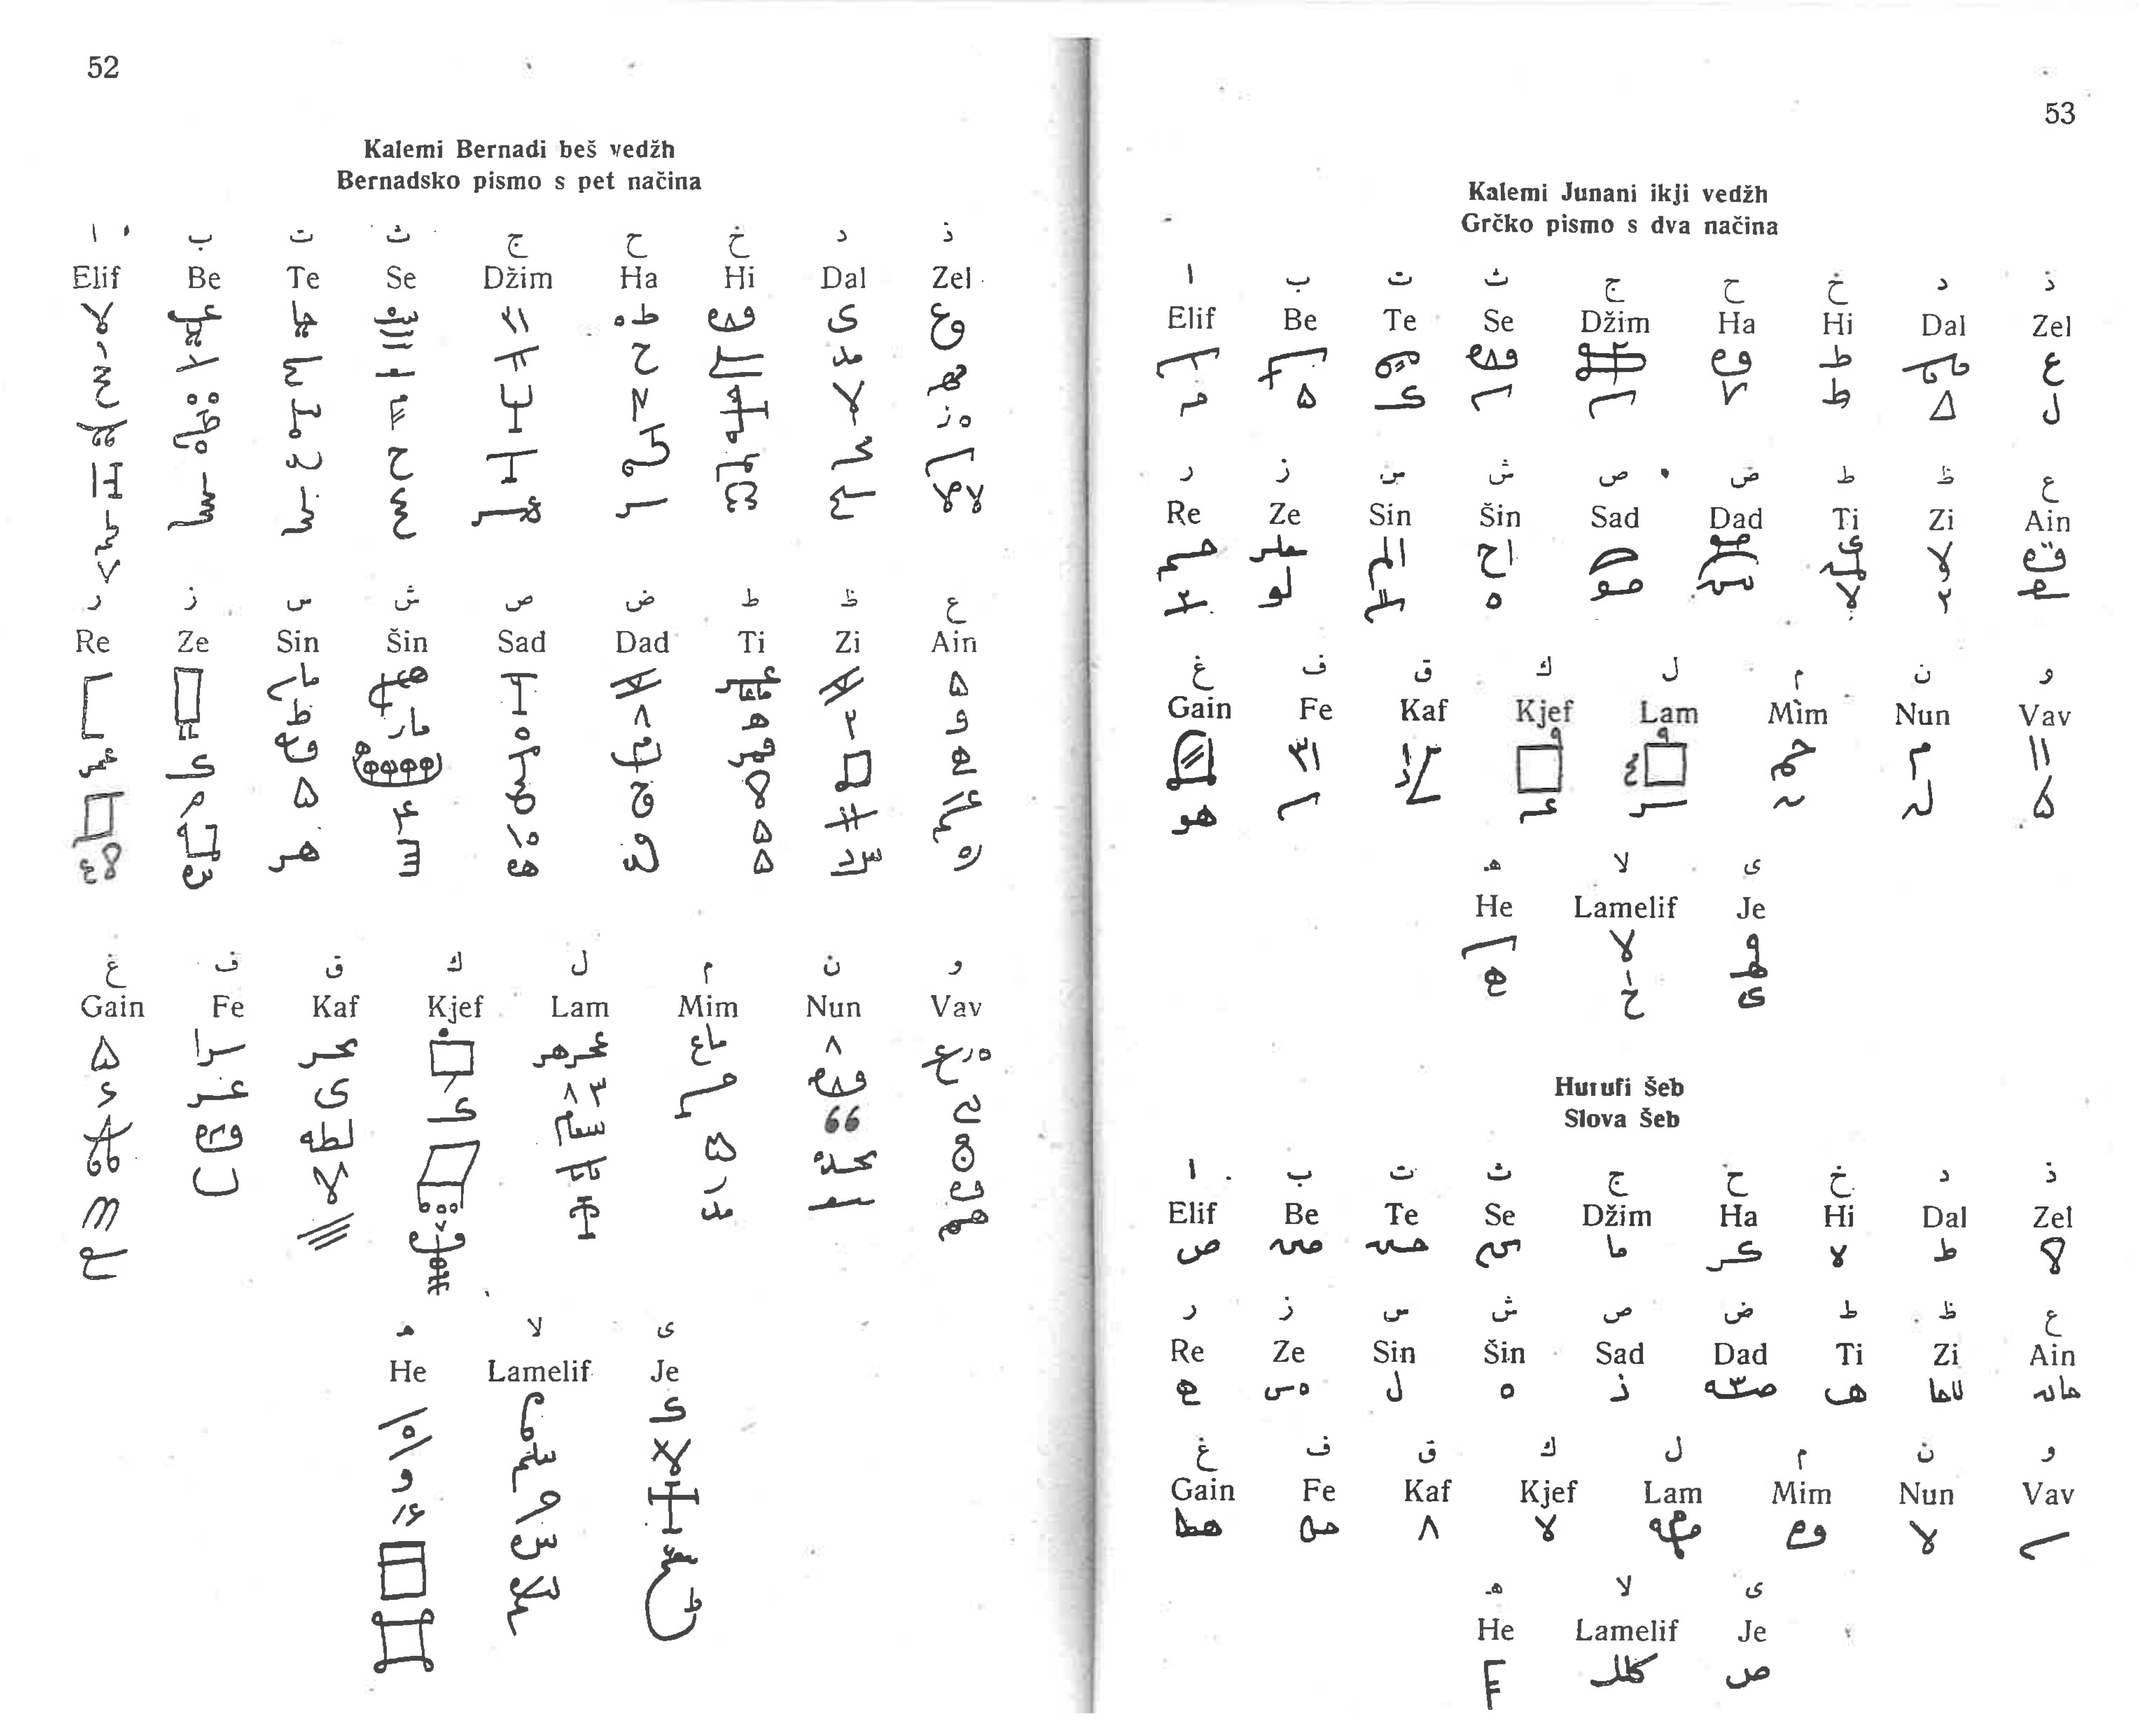 Des alphabets magiques d'après Muhamed Garčević